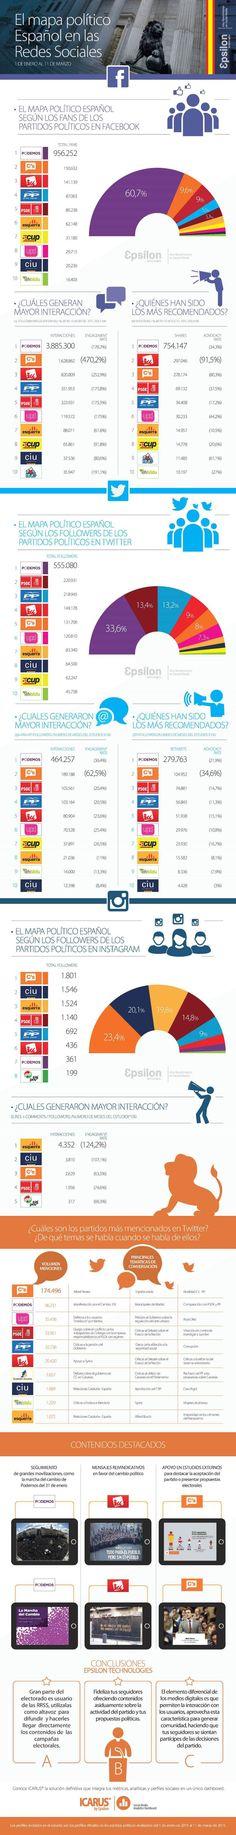 MAPA POLÍTICO ESPAÑOL EN LAS REDES SOCIALES #INFOGRAFIA #INFOGRAPHIC #SOCIALMEDIA